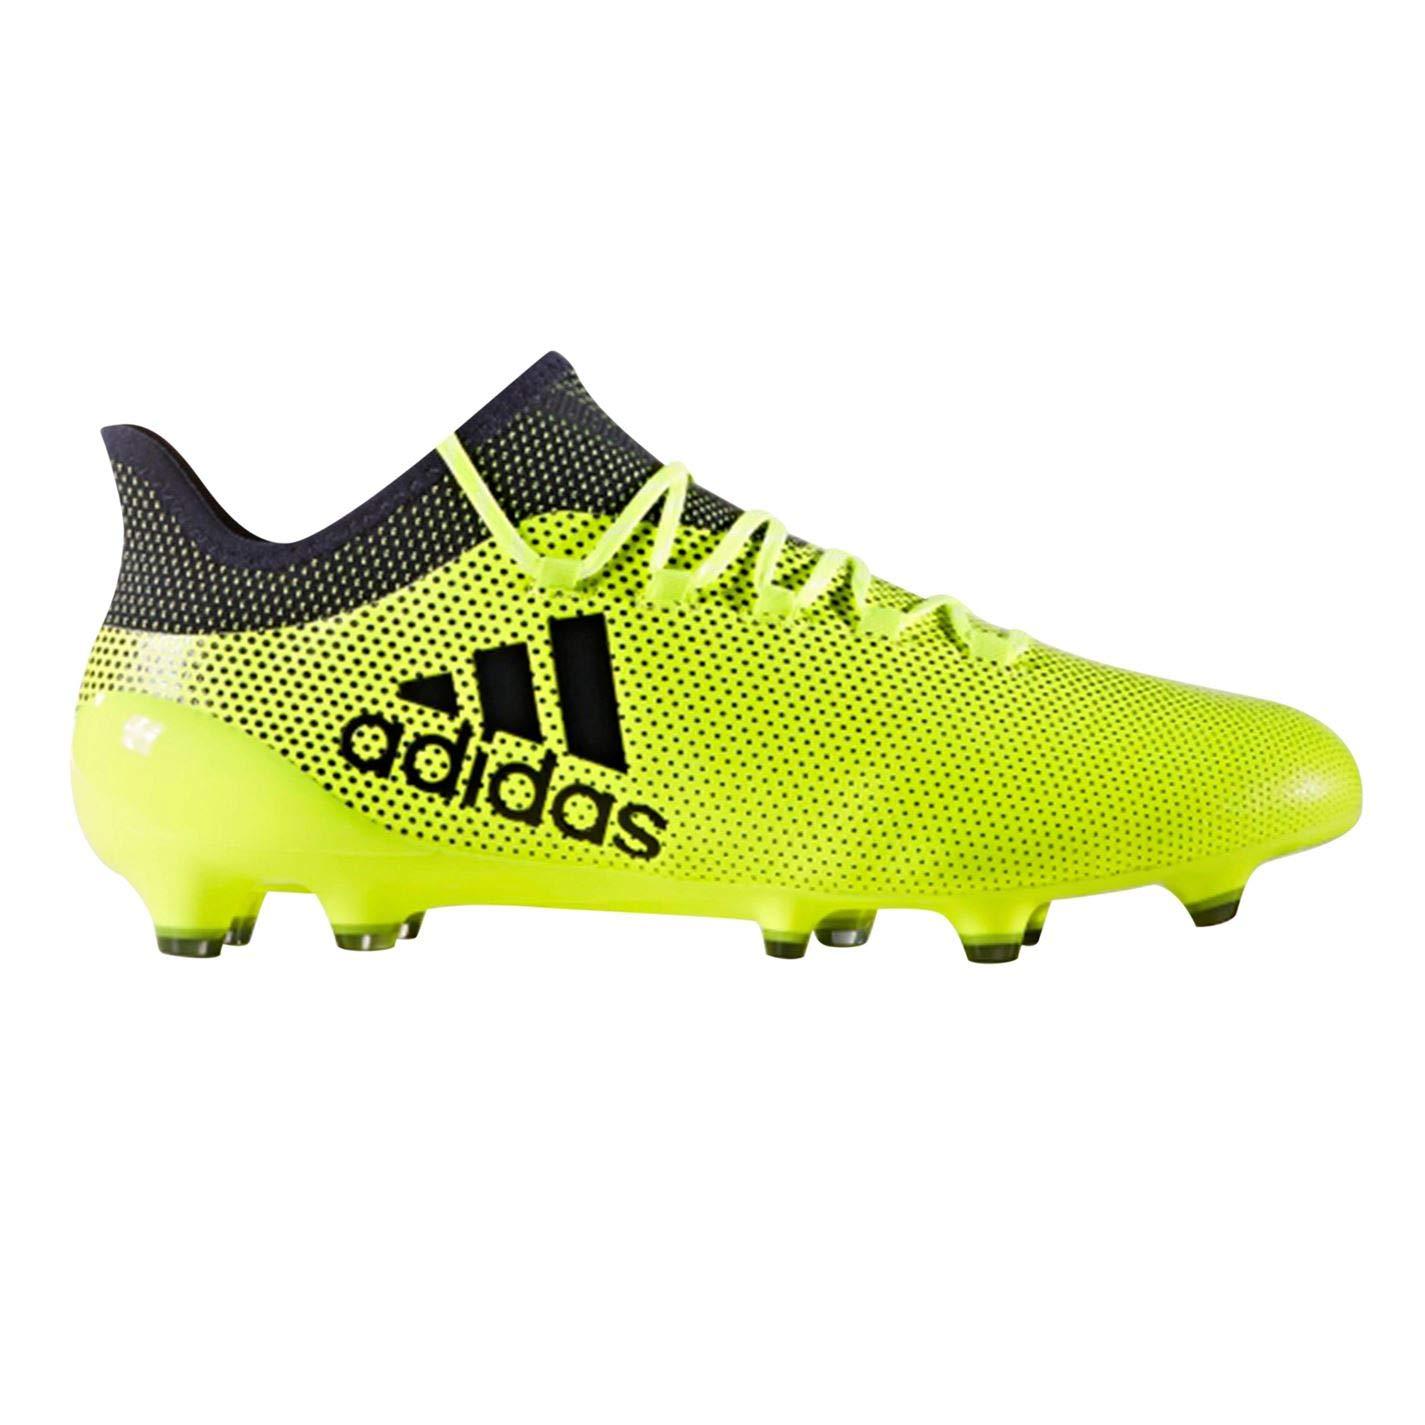 Adidas Adidas Adidas X 17.1 Fg, Scarpe da Calcio Uomo | Abbiamo ricevuto lodi dai nostri clienti.  359513